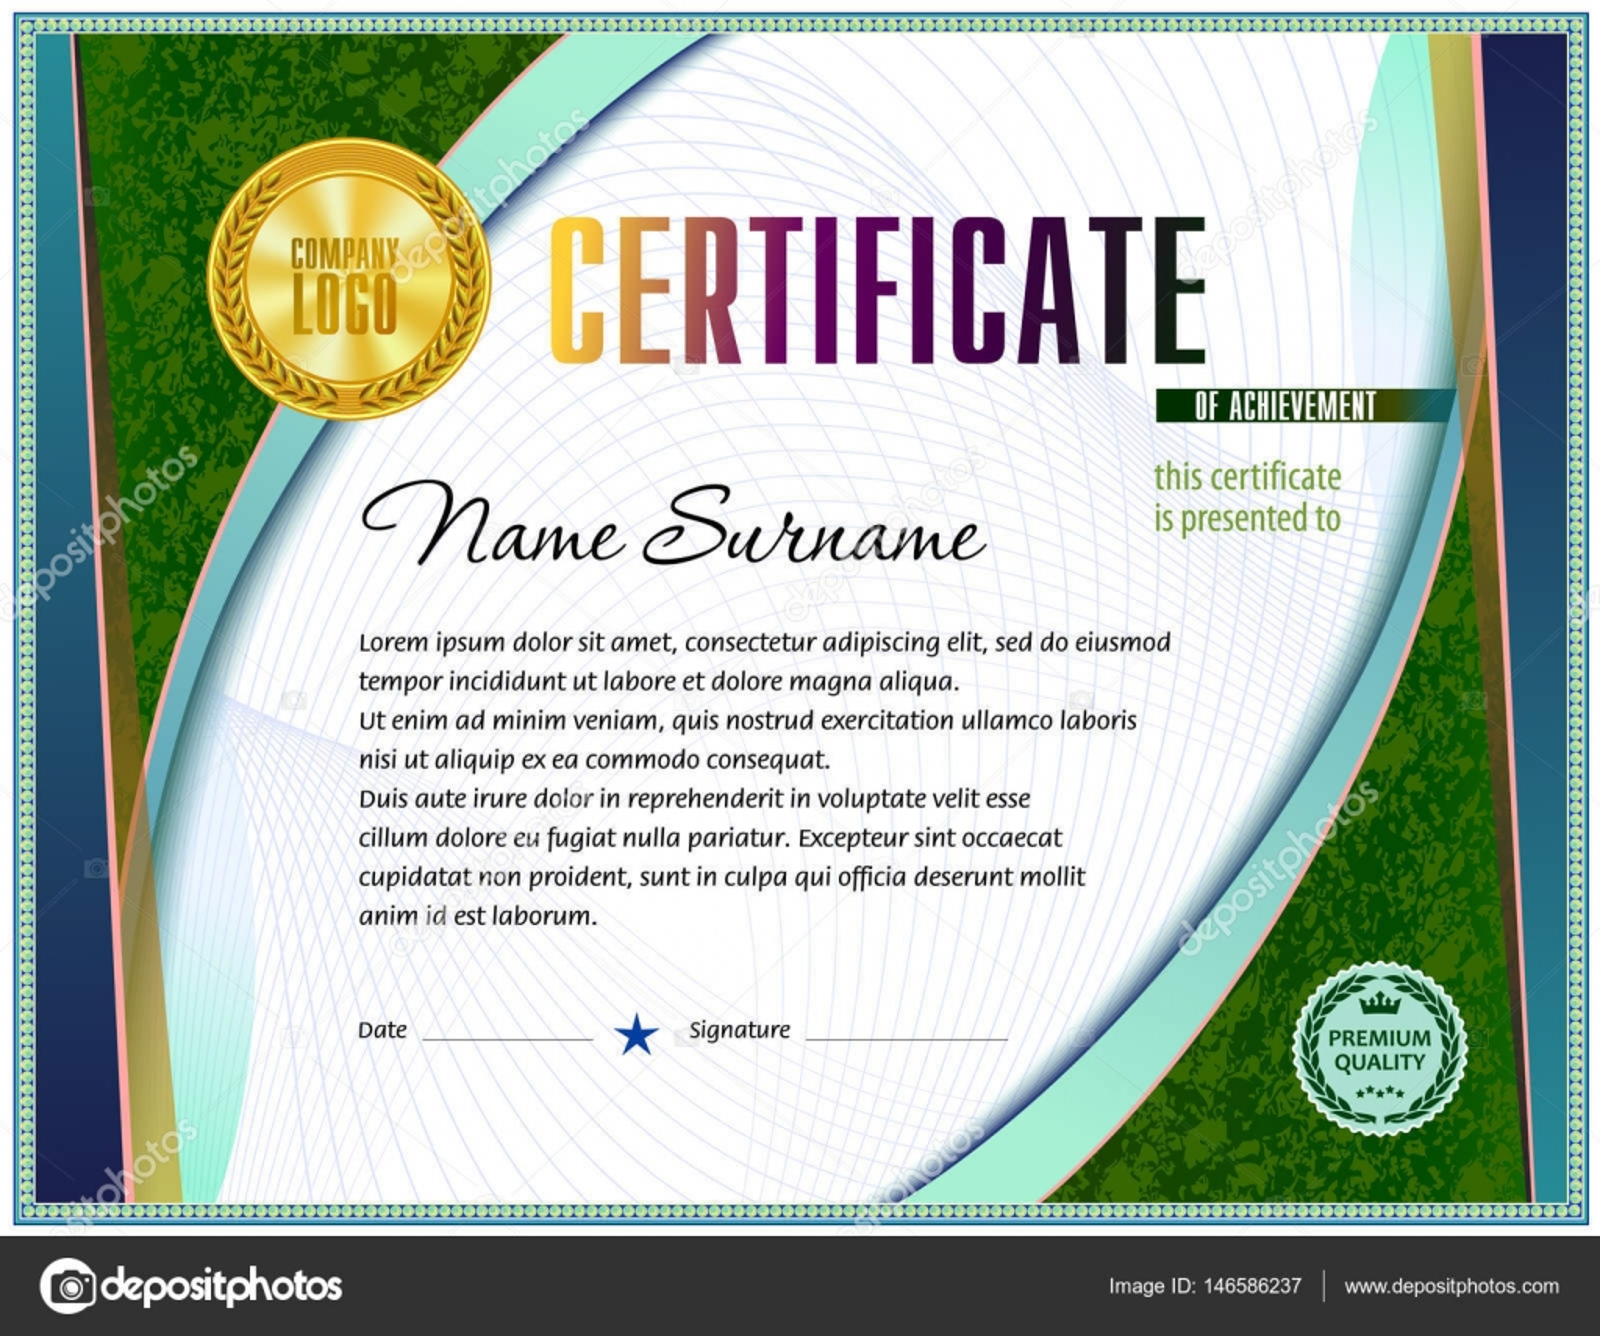 Ausgezeichnet Leere Zertifikatvorlage Bilder ...